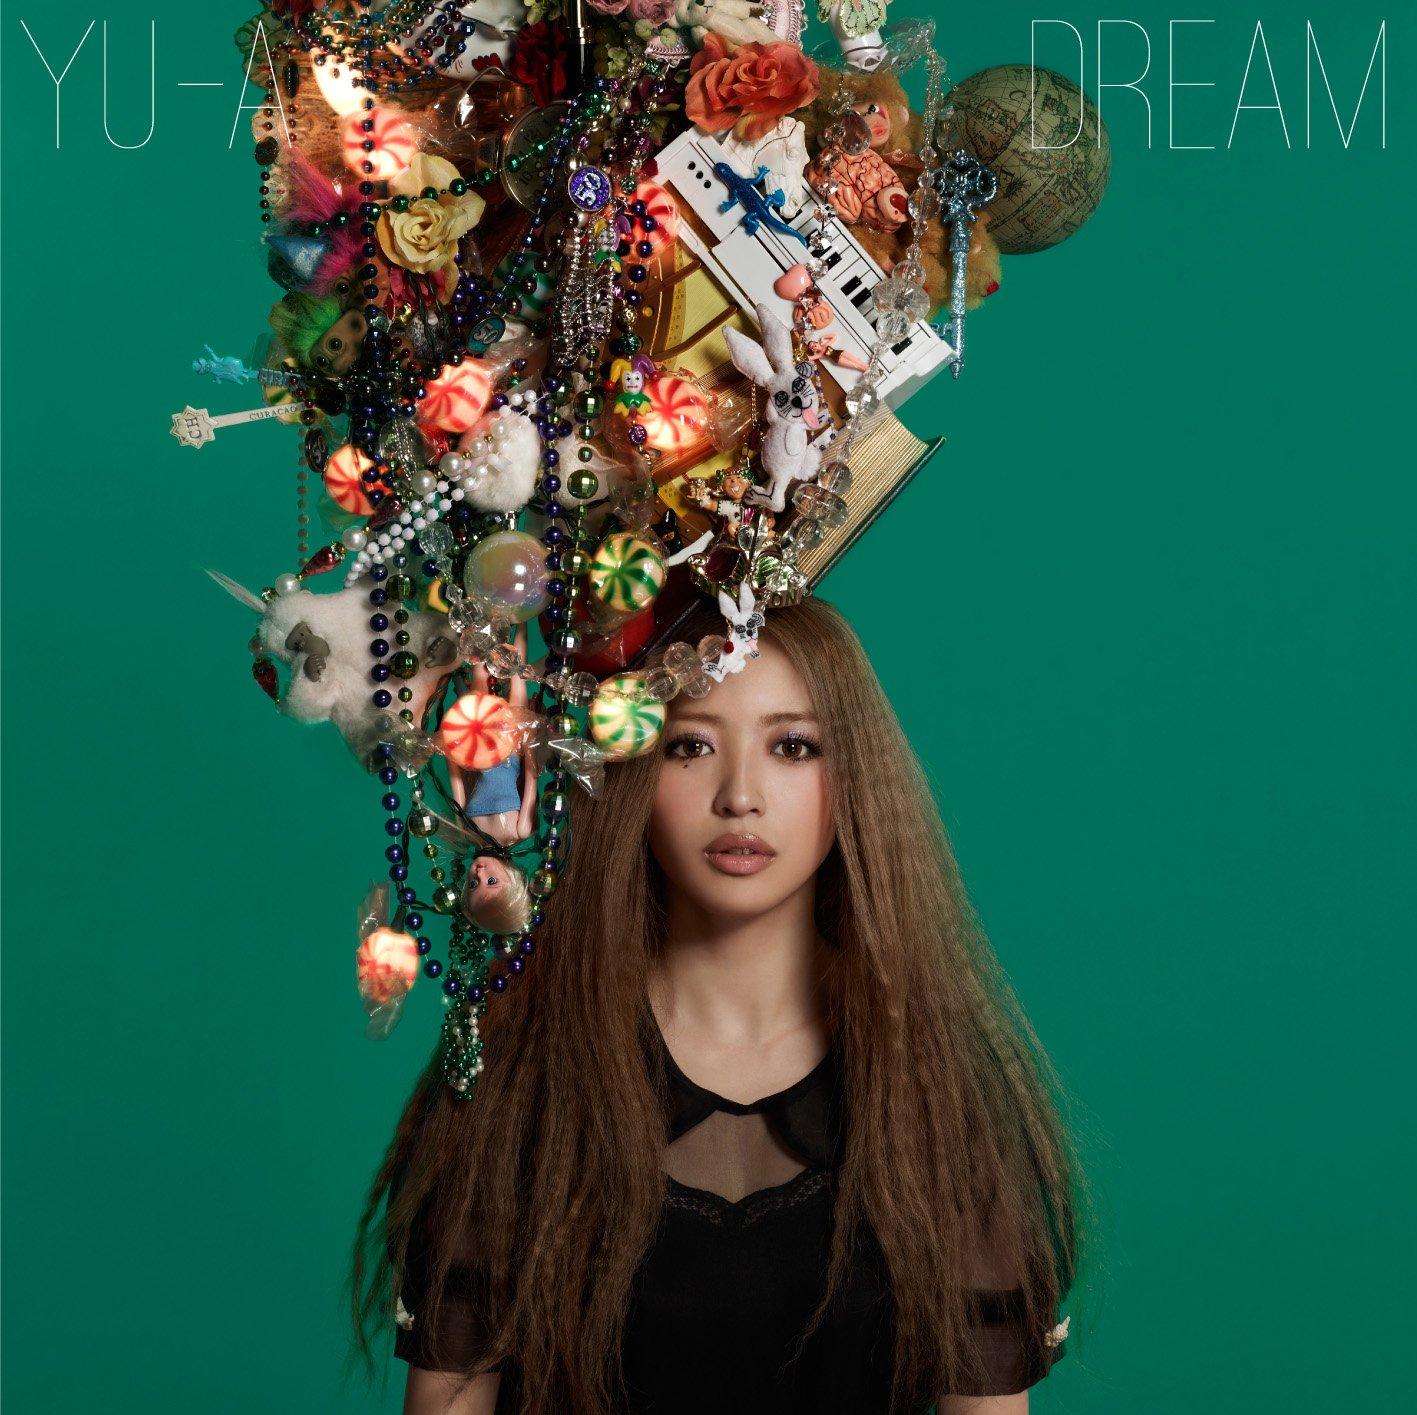 20161212.02.06 YU-A - DREAM (DVD) (JPOP.ru) cover 2.jpg